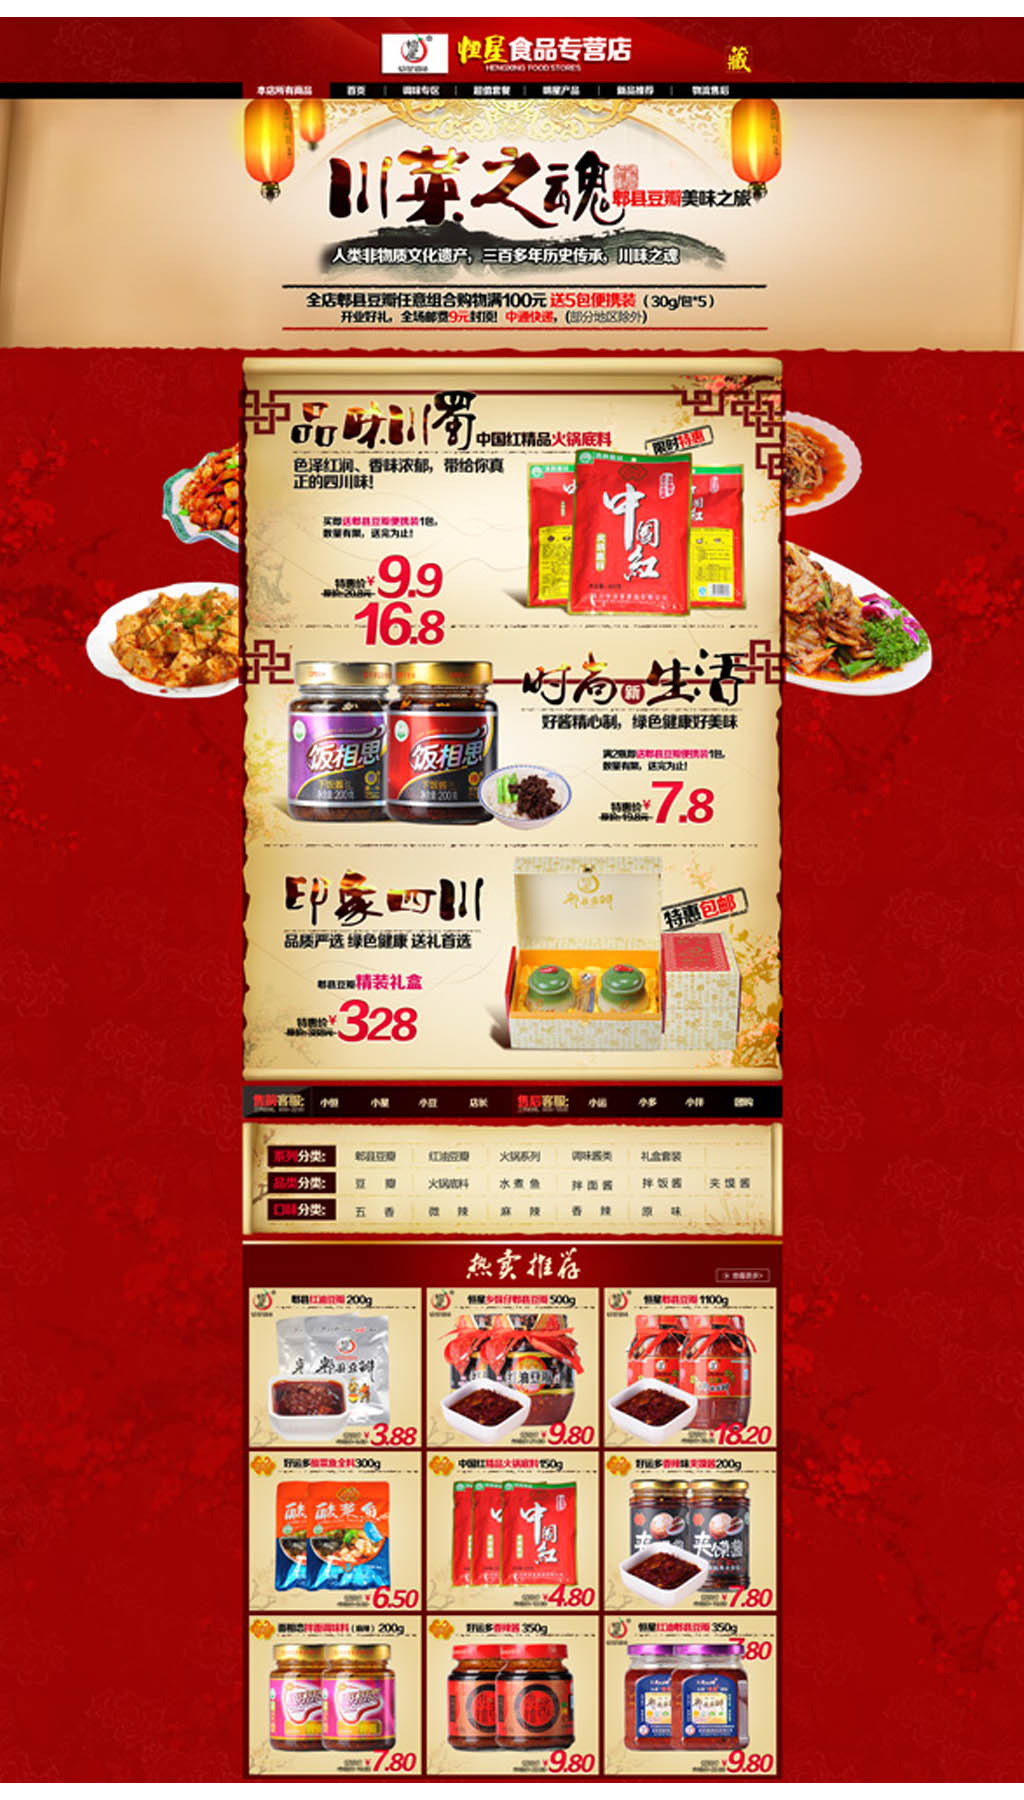 天猫淘宝食品小吃网店装修素材模板下载